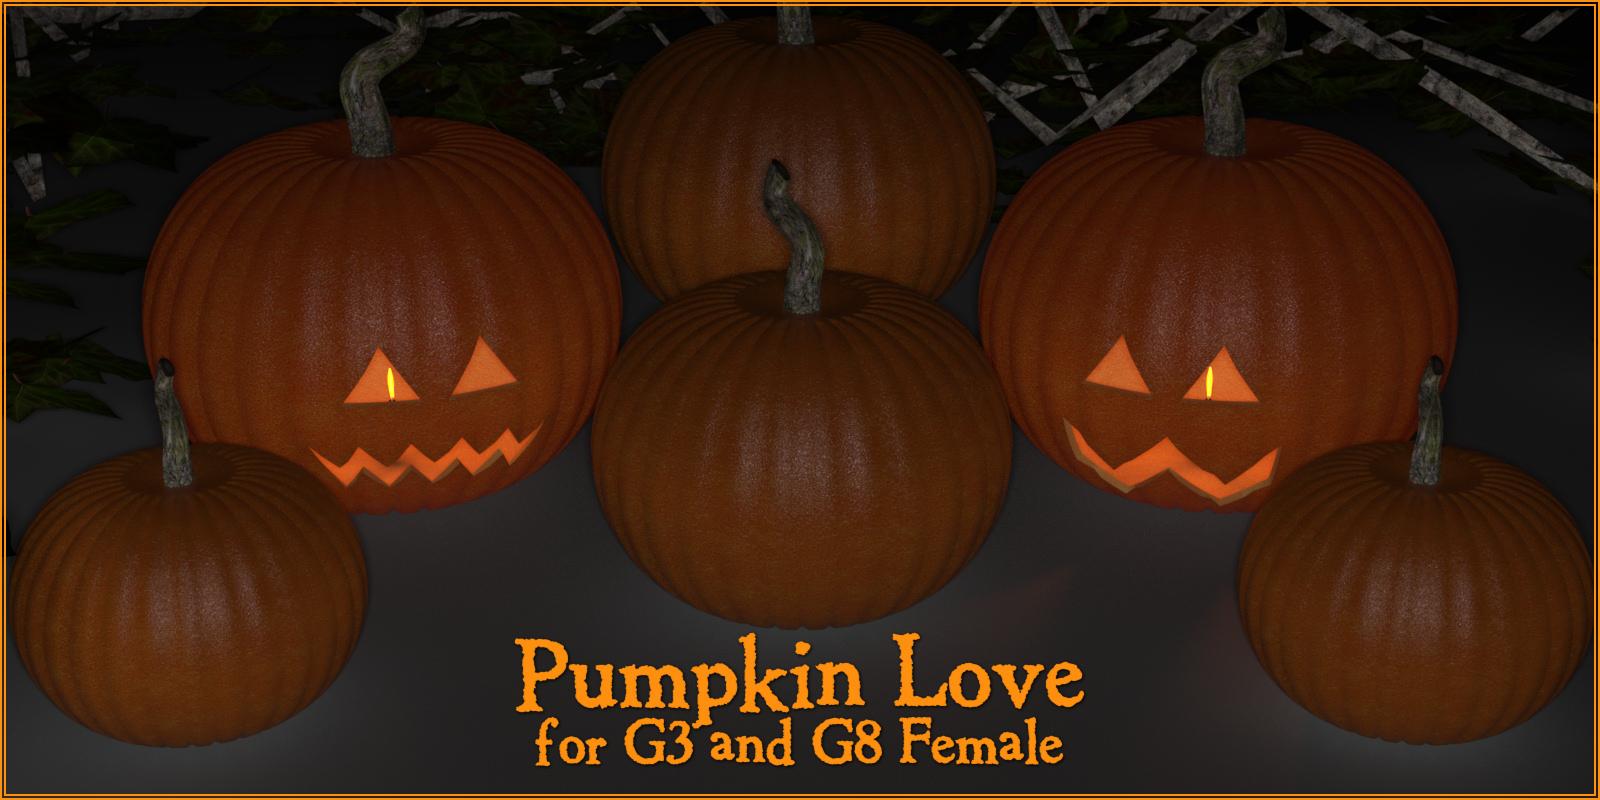 Pumpkin Love G3F & G8F